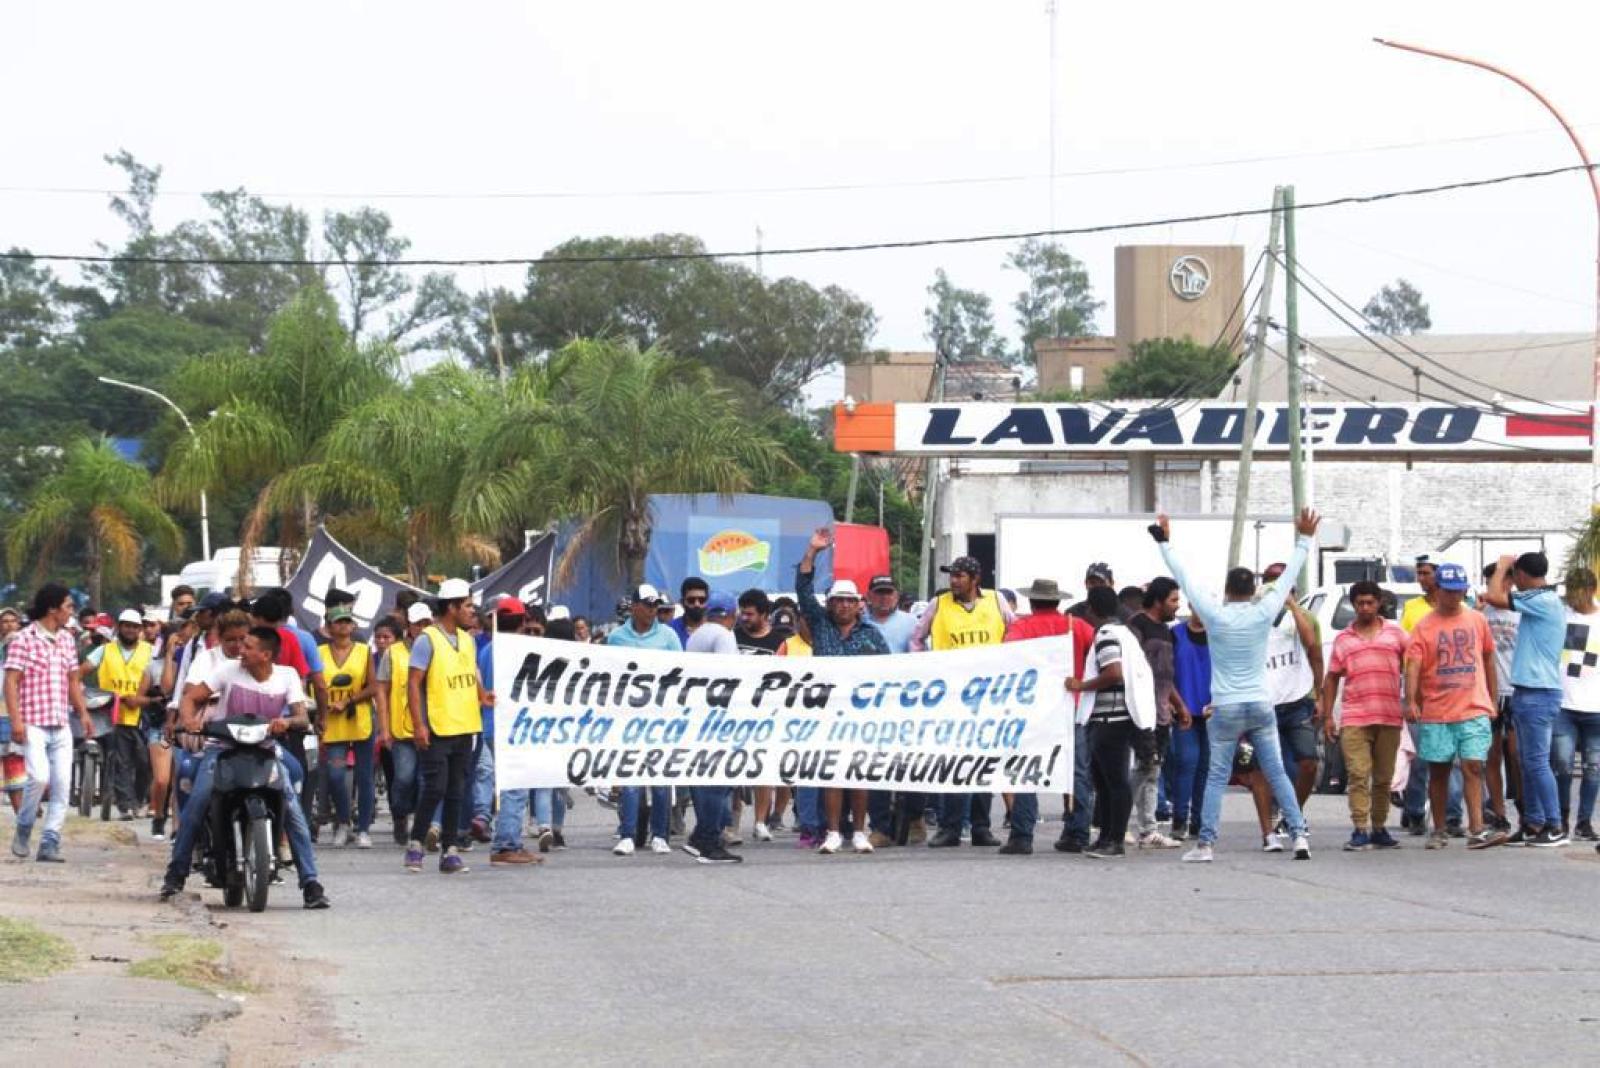 """Tito López: """"Queremos la renuncia de la ministra de Desarrollo Social por discriminación e inoperancia"""""""